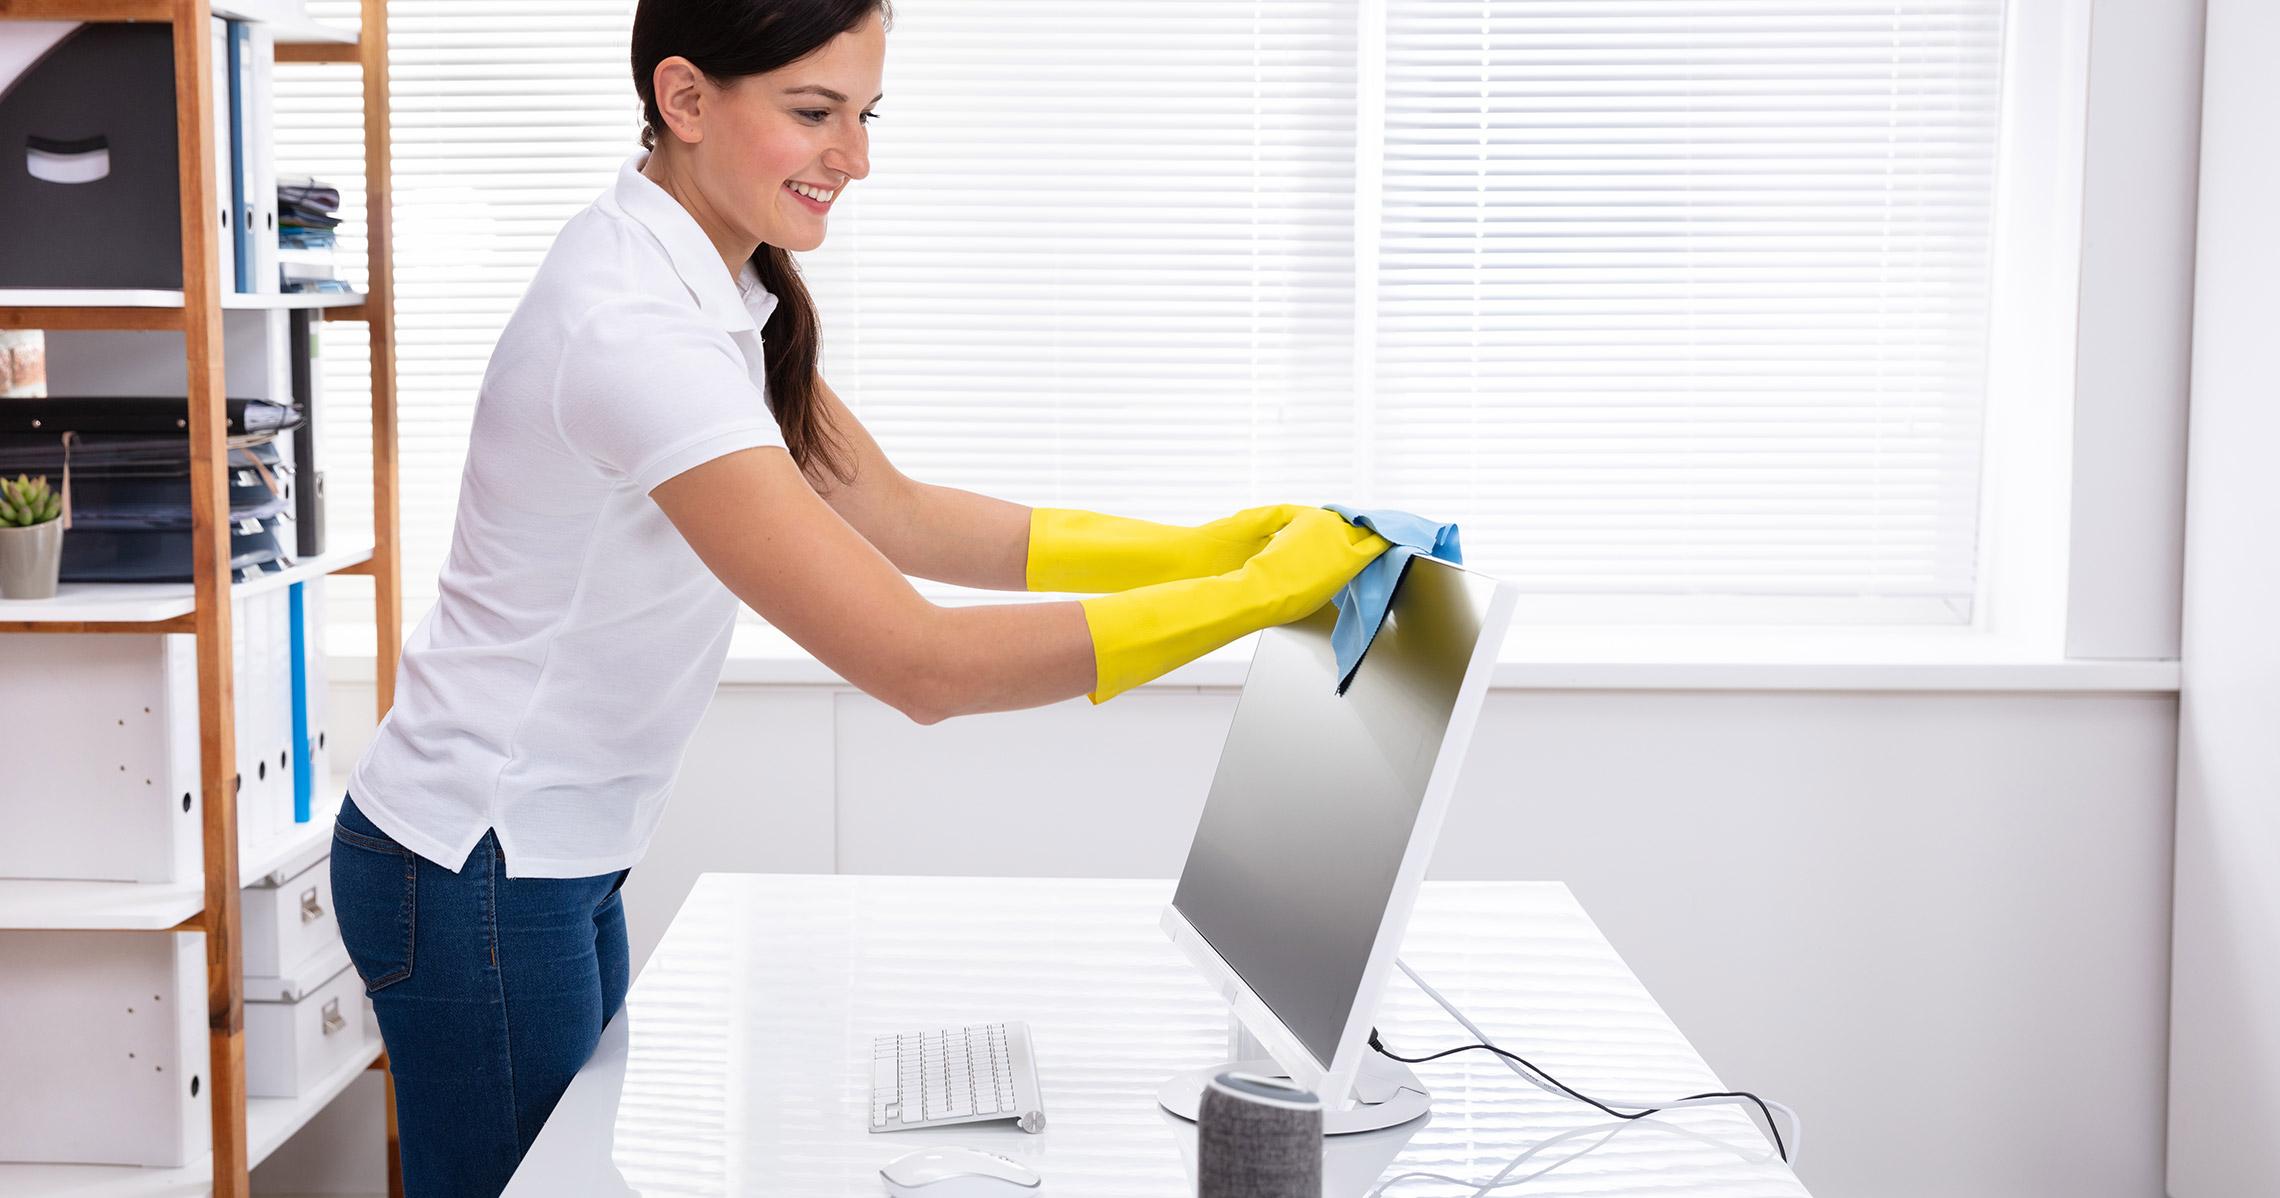 programa de limpeza mais saude no ambiente de trabalho